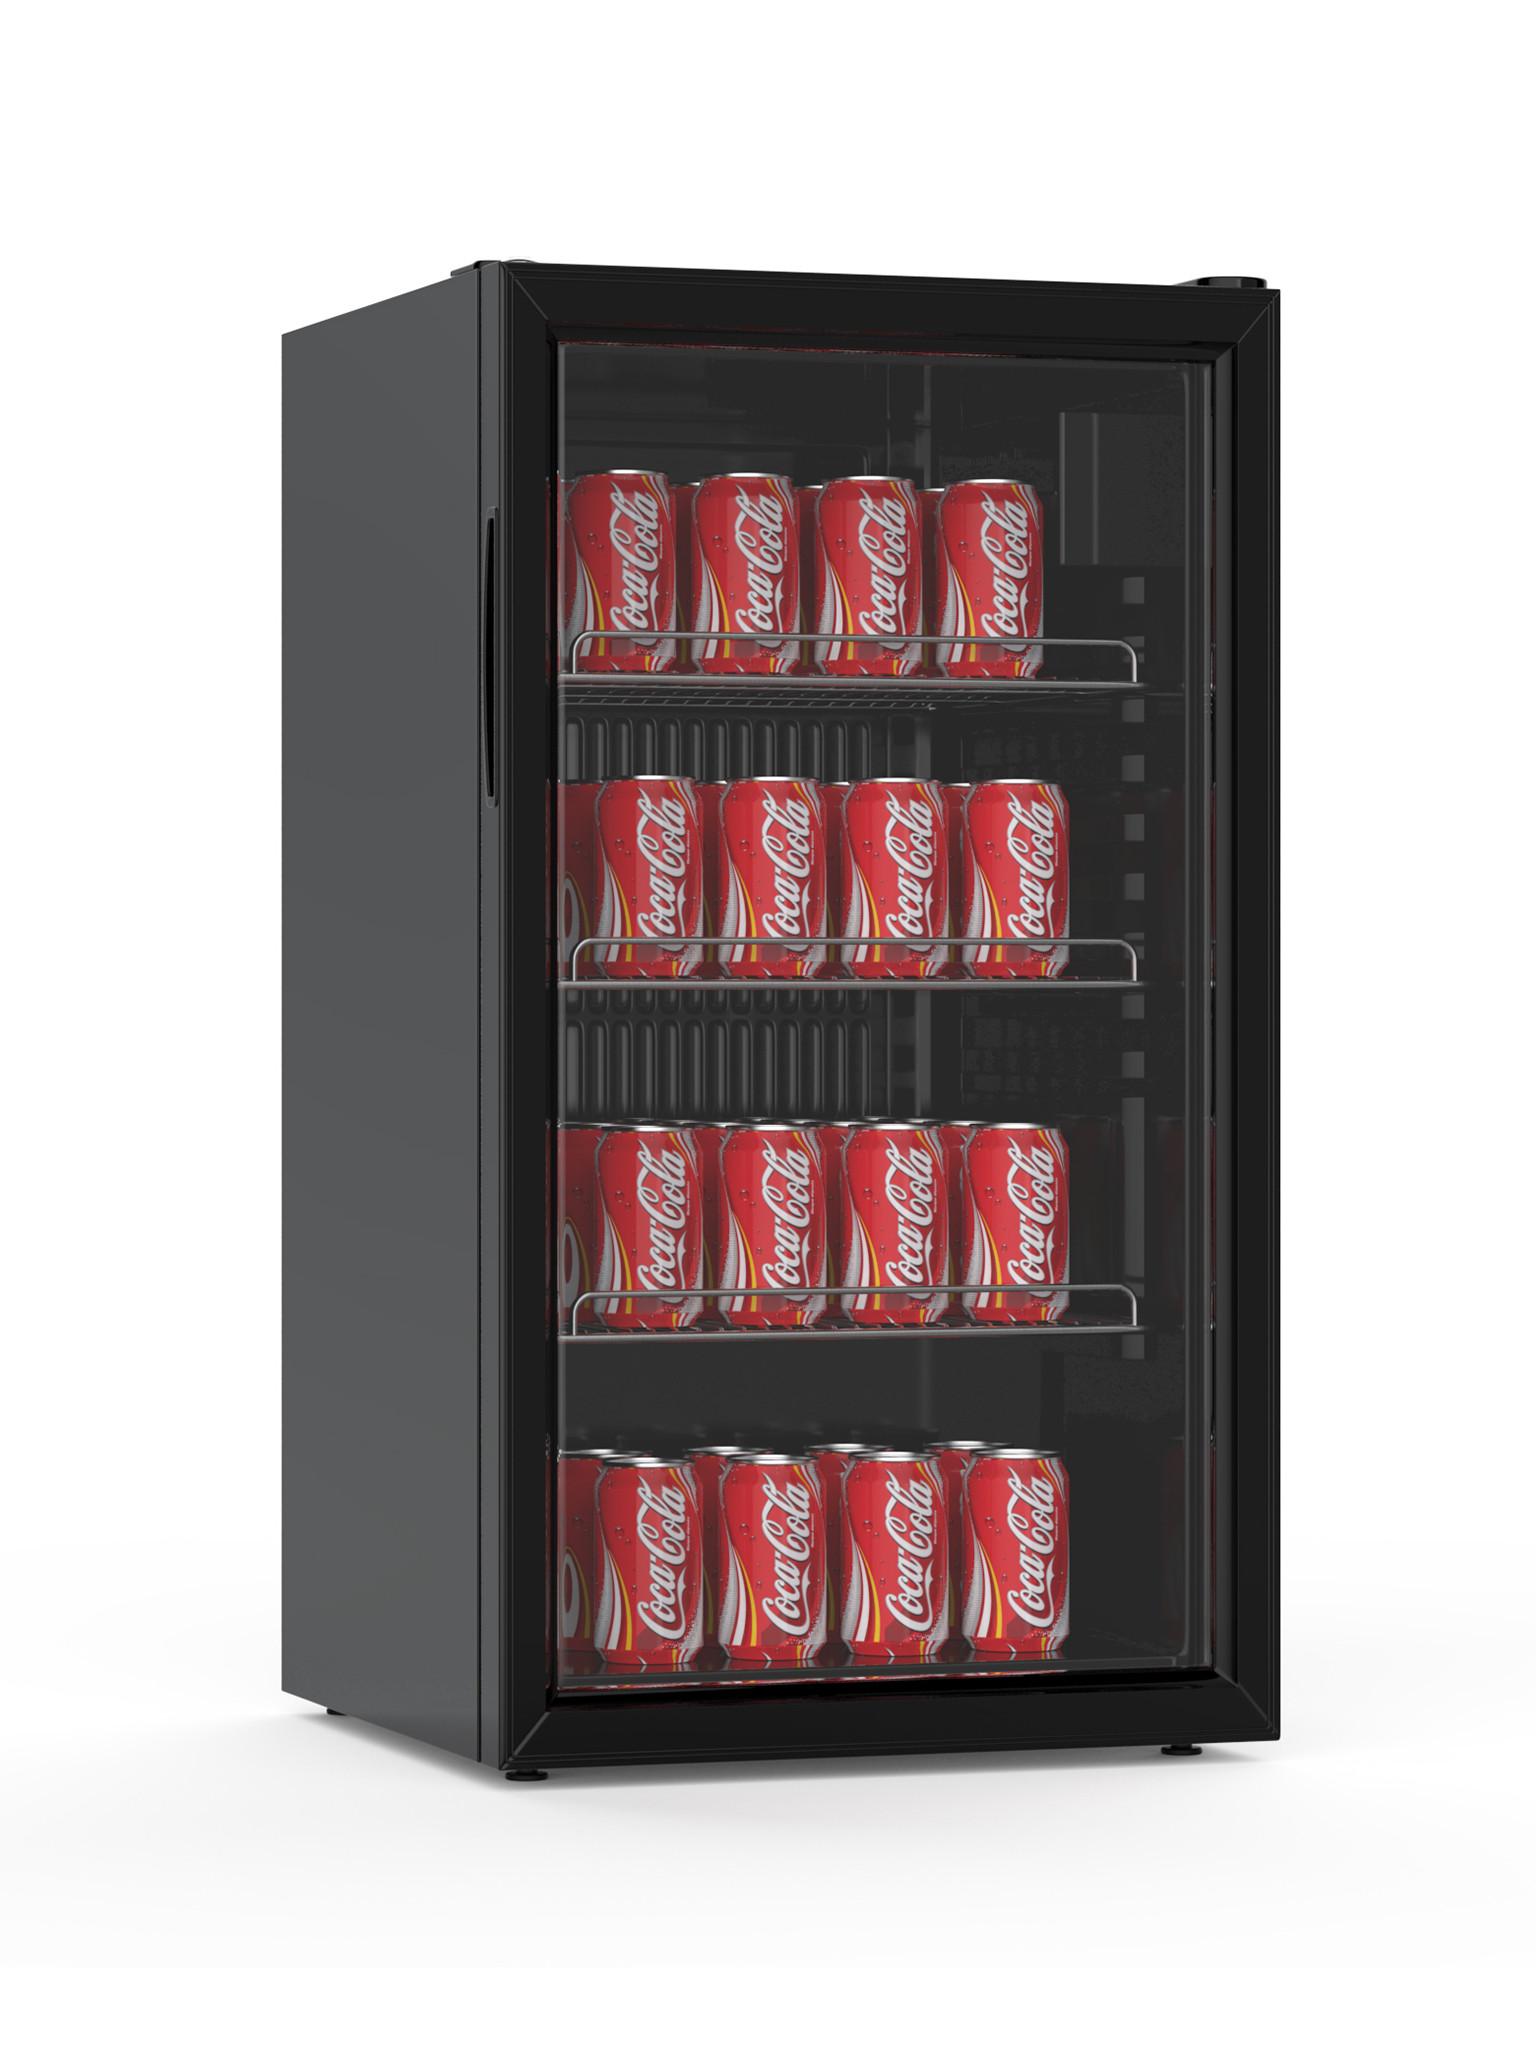 Koelkast - 80 liter - Glasdeur - Zwart - Promoline